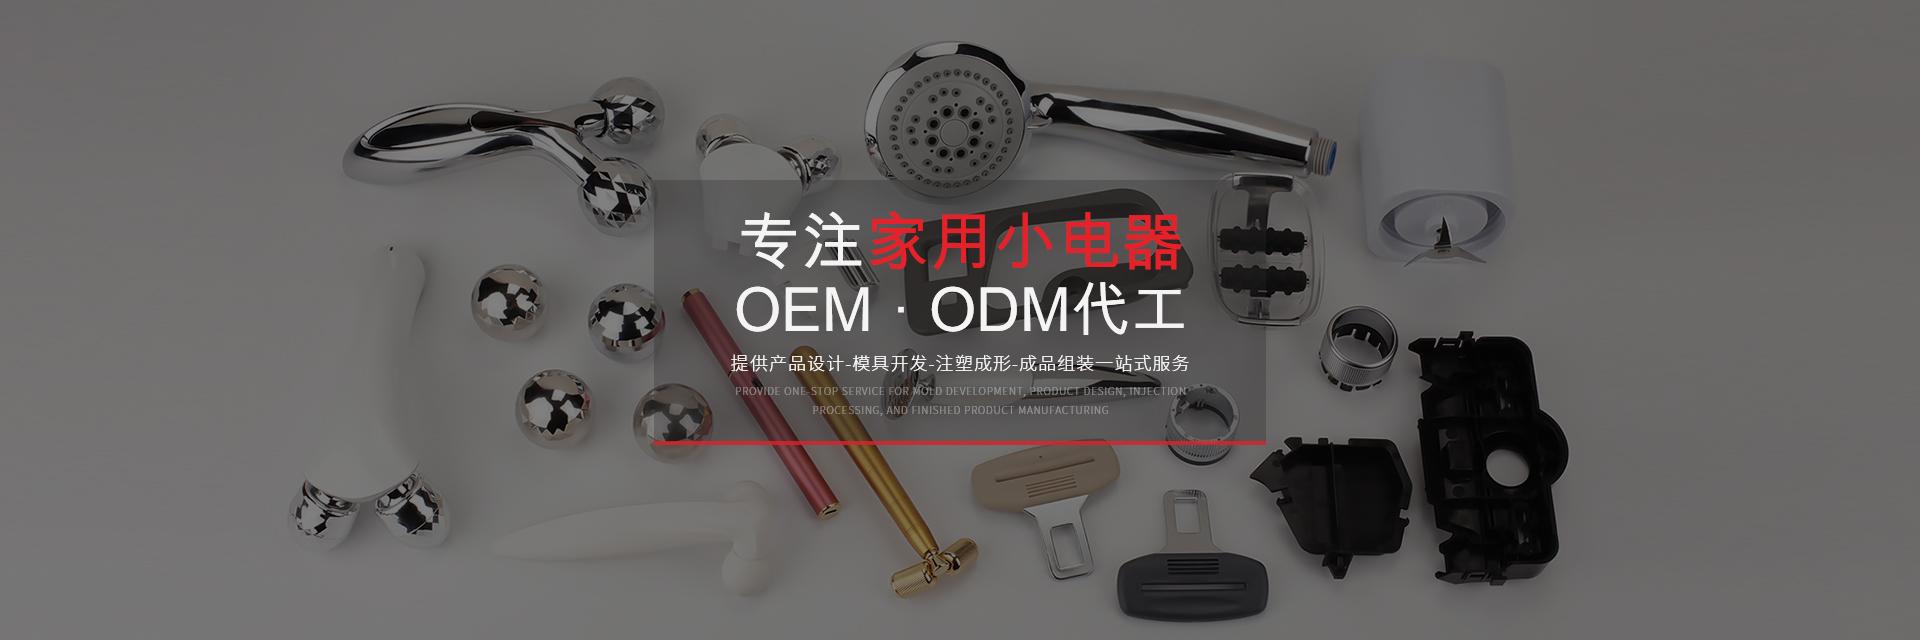 马驰科-专注家用电器成品OEM/ODM代工